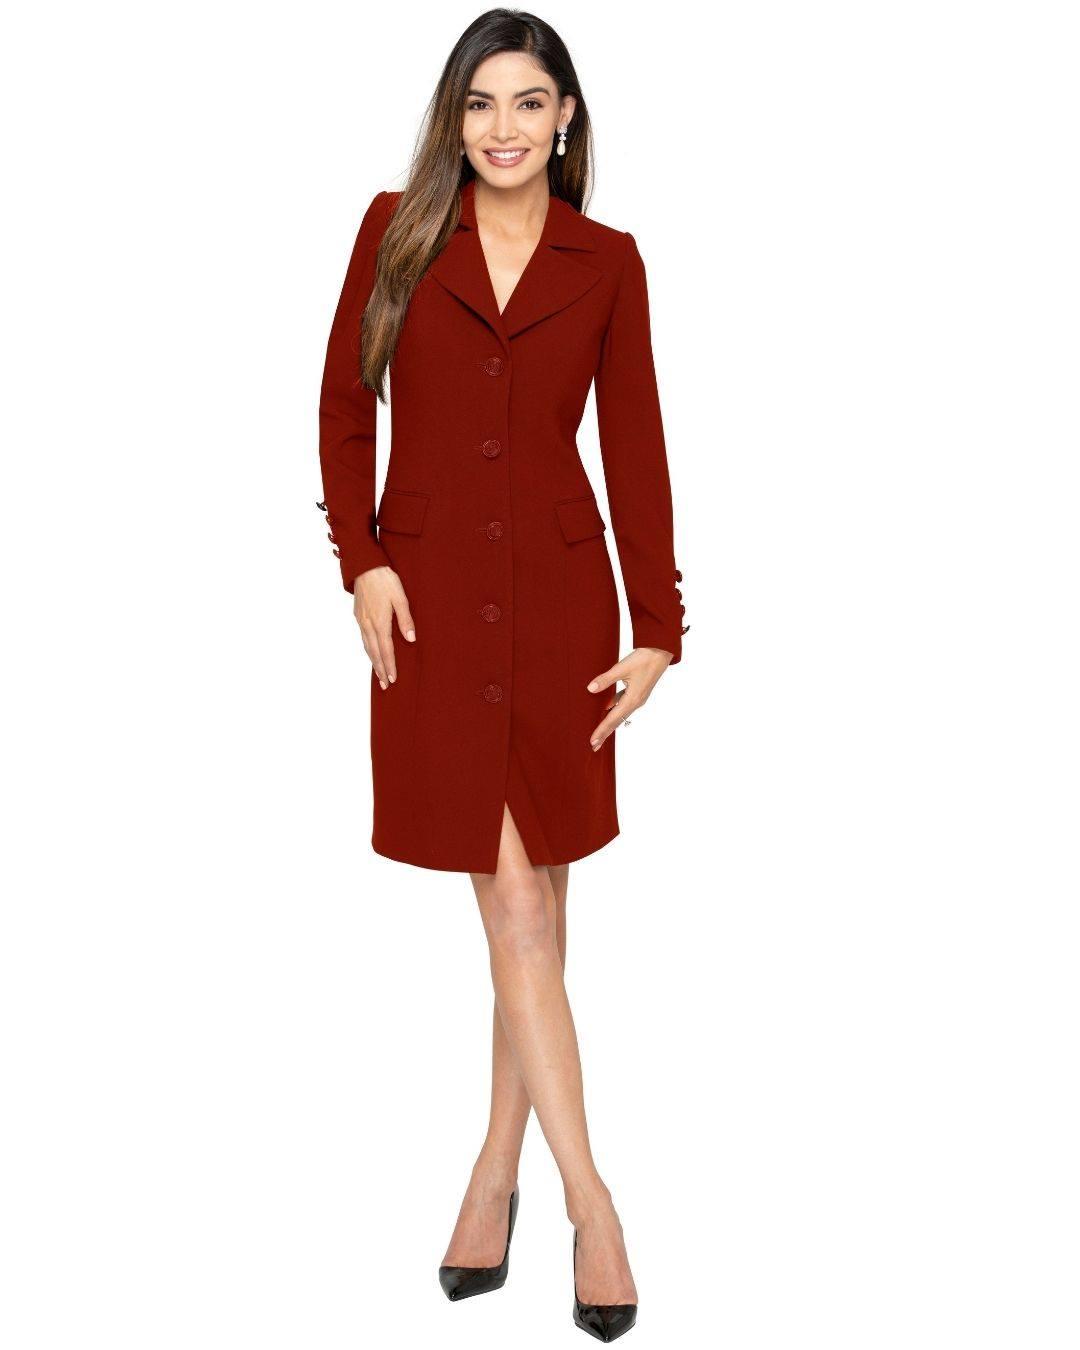 Susanna Beverly Hills Luxury Lifestyle, Beverly Hills Fashion